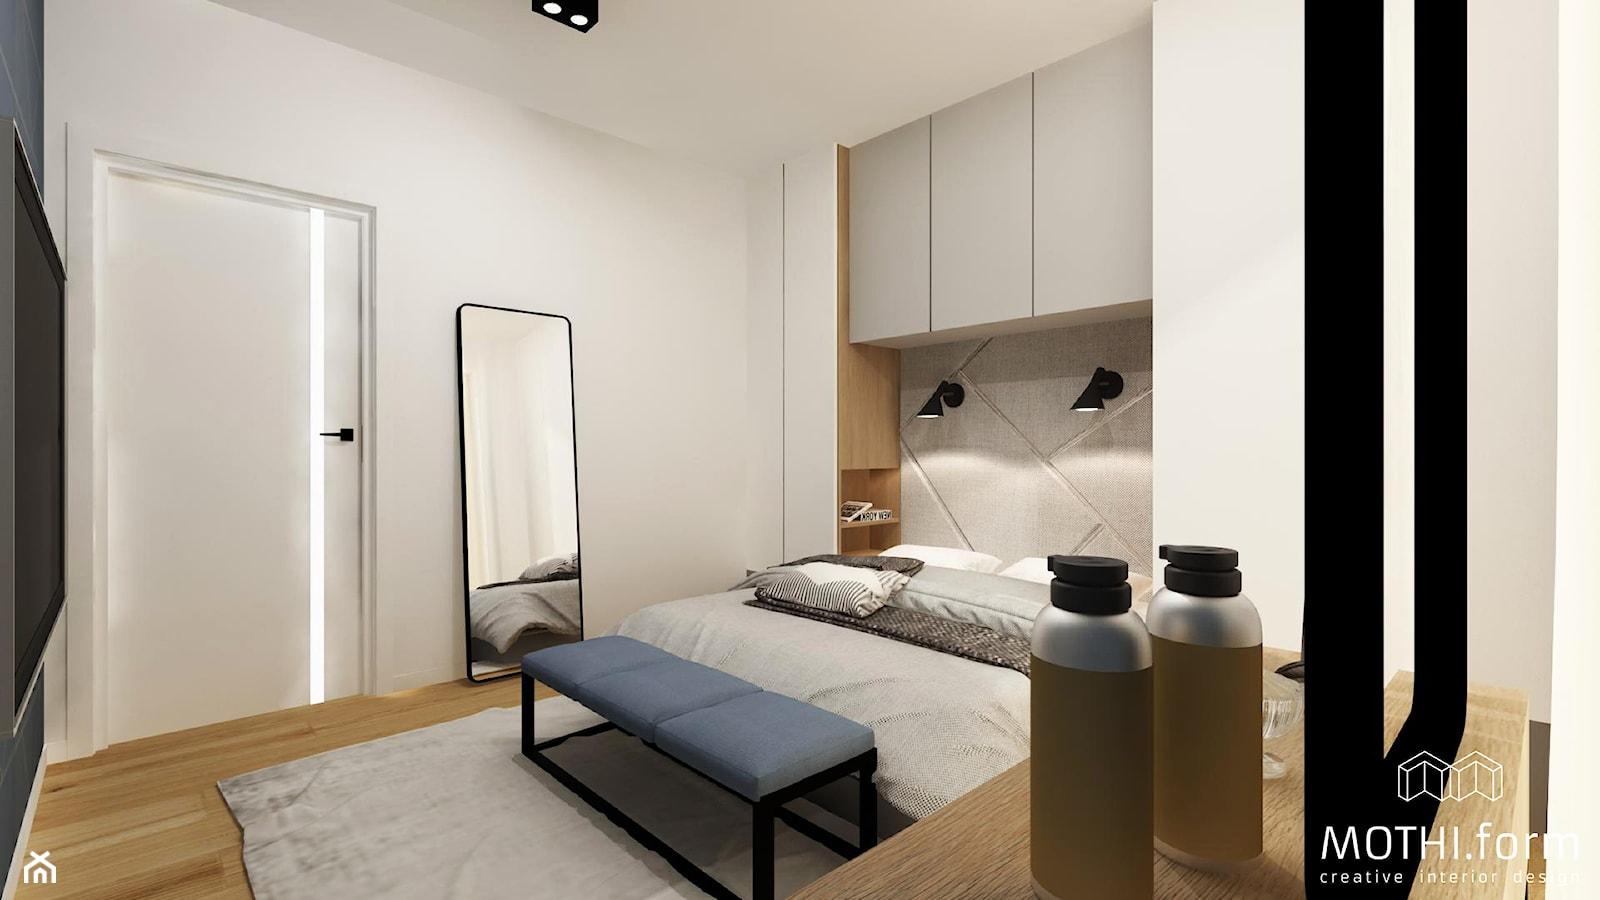 MOTHI.FORM ⋅ PRZYTULNE MIESZKANIE ⋅ KRAKÓW - Sypialnia, styl nowoczesny - zdjęcie od MOTHI.form - Homebook